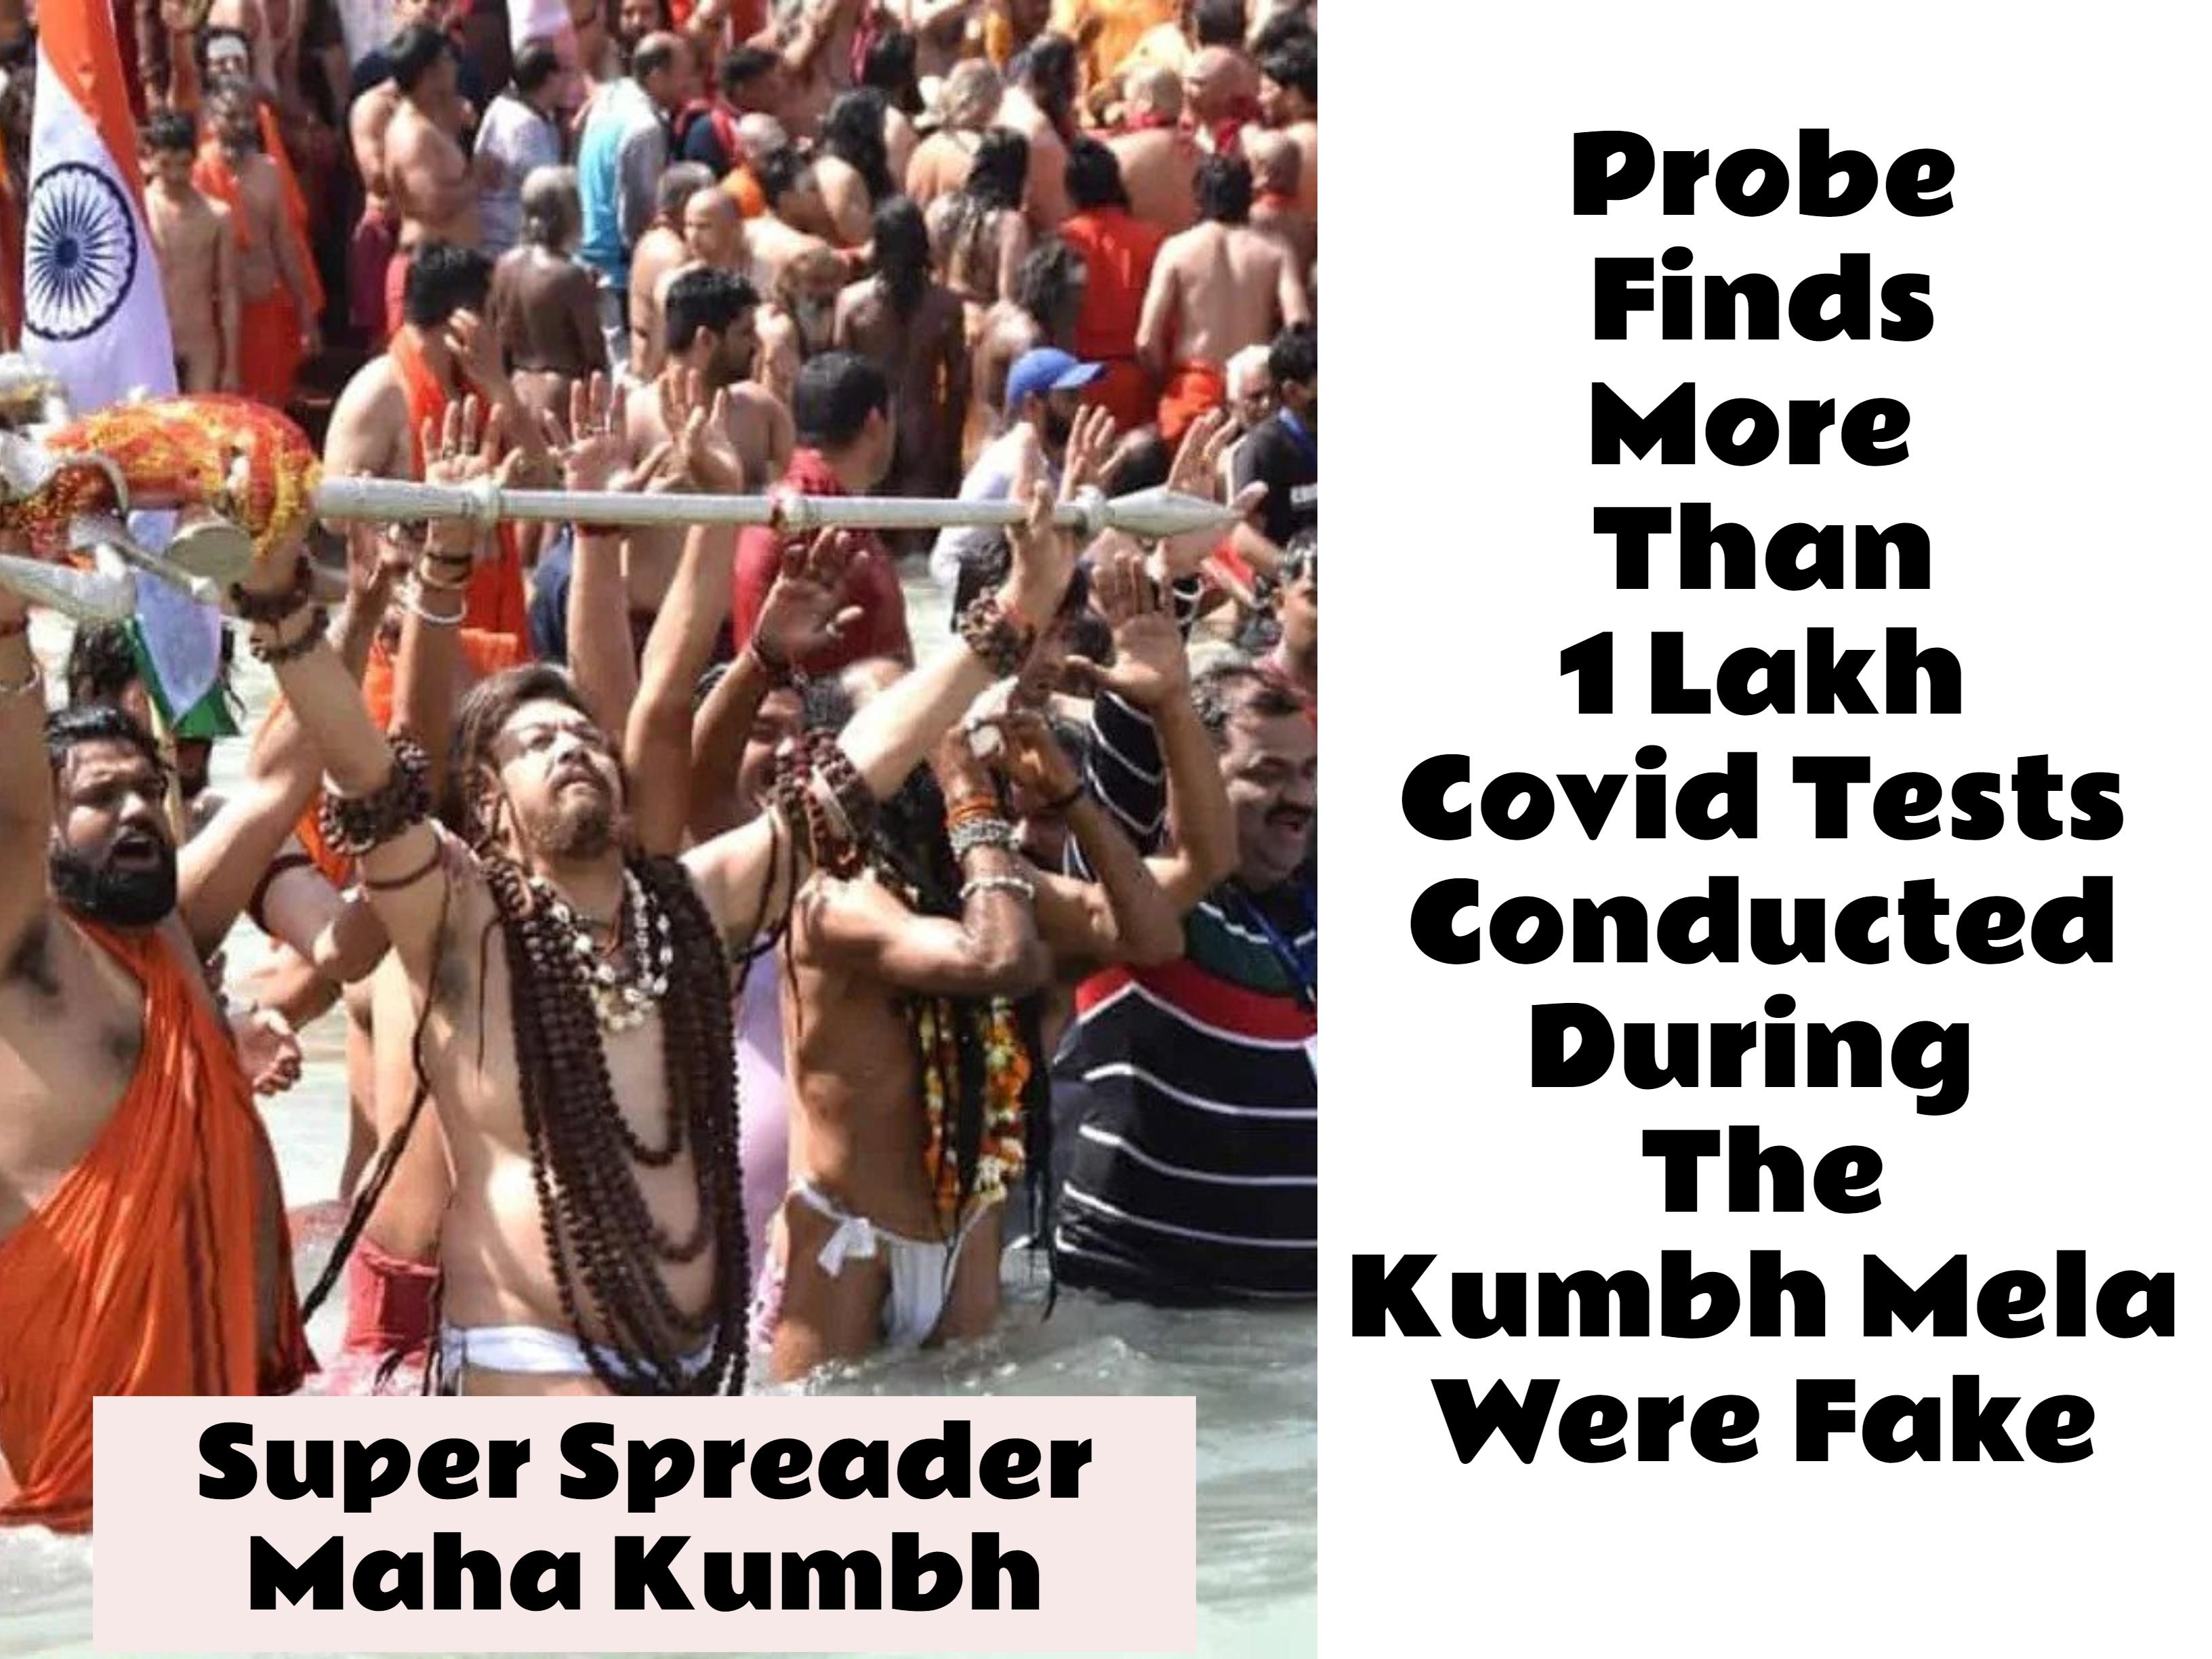 Probe Exposes Gross Irregularities In Testing At Kumbh, Fake Reports